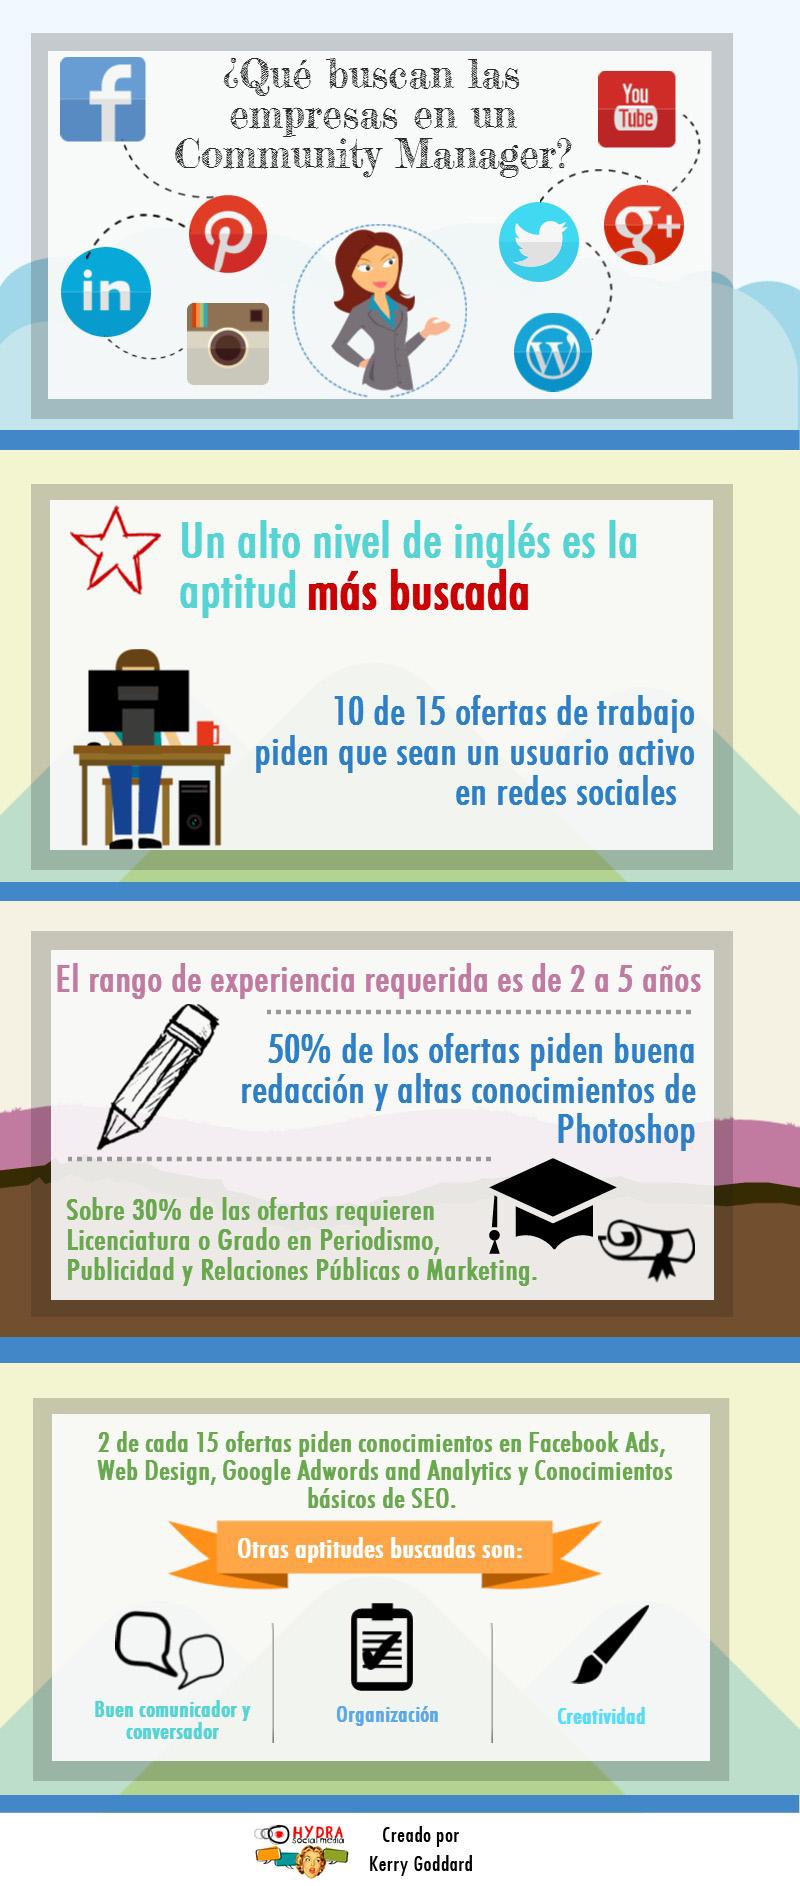 infografia_que_buscan_las_empresas_de_un_community_manager-1